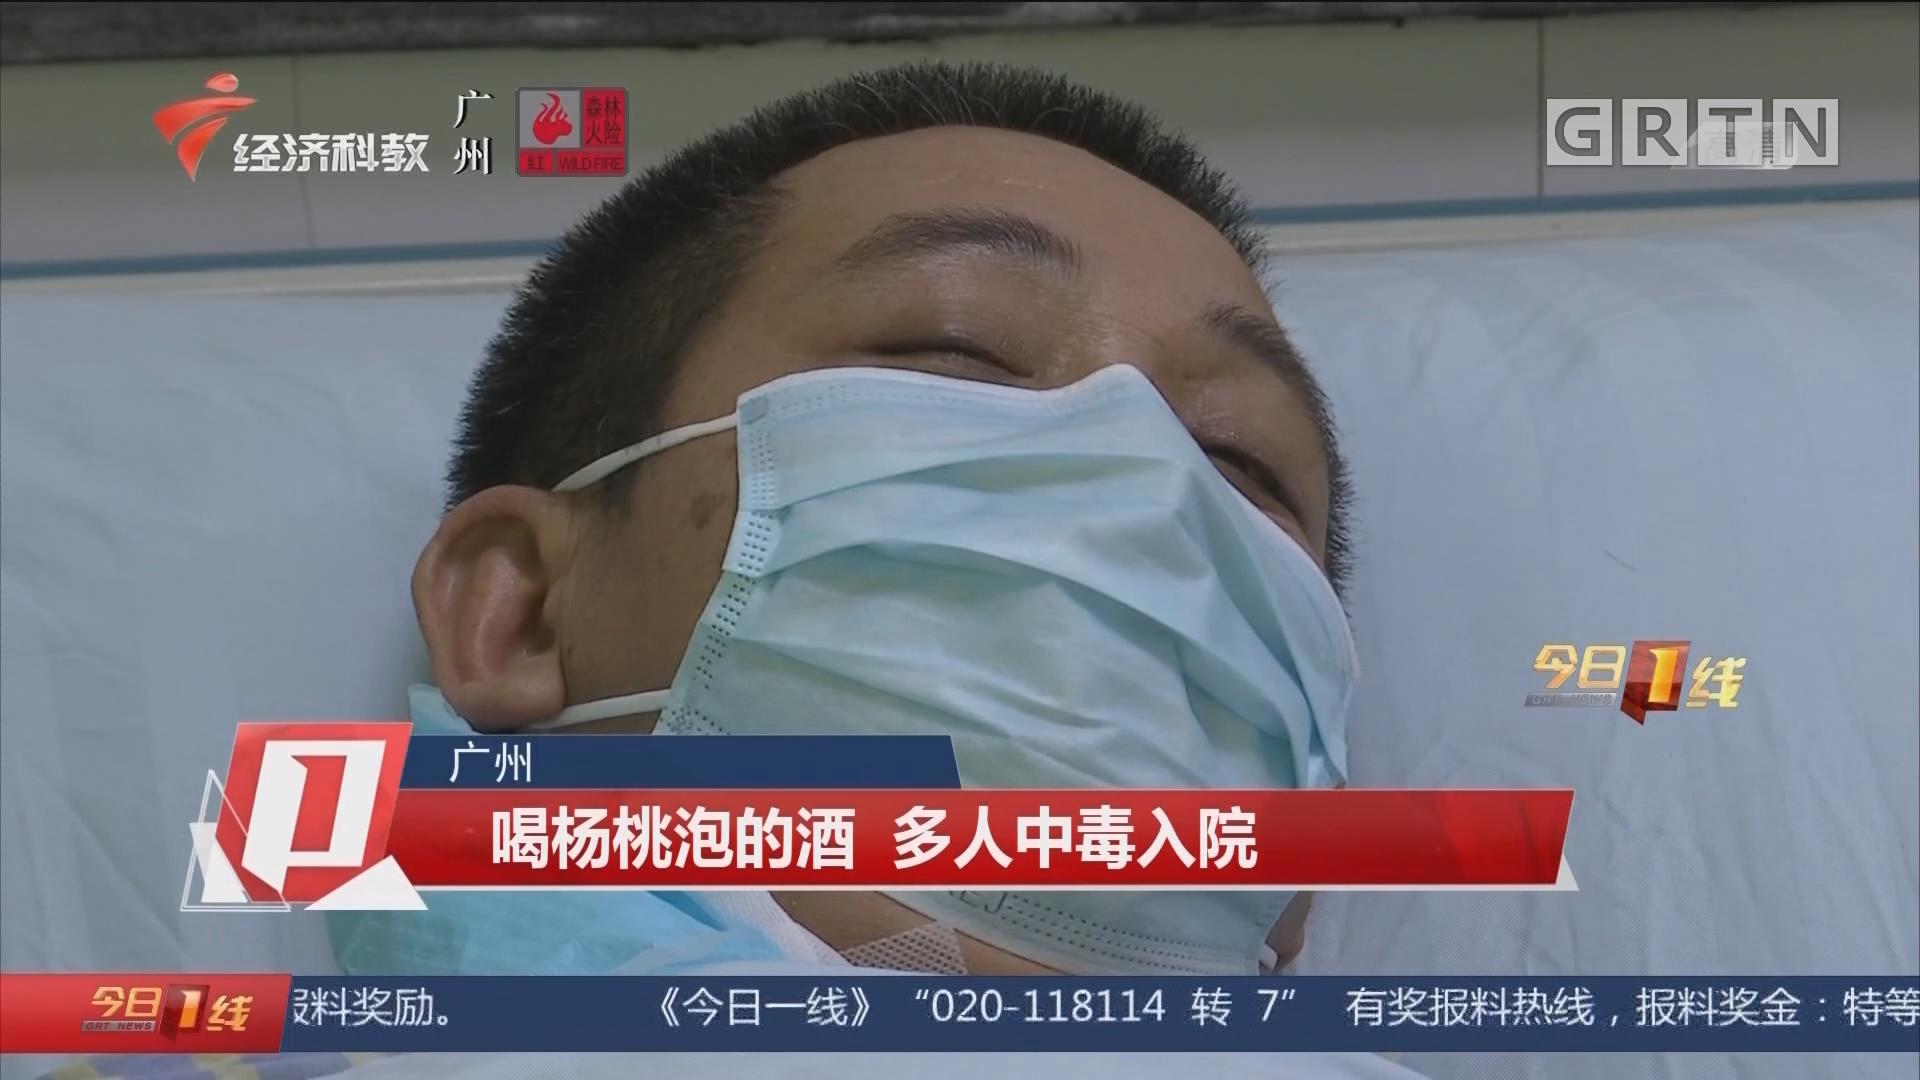 广州 喝杨桃泡的酒 多人中毒入院